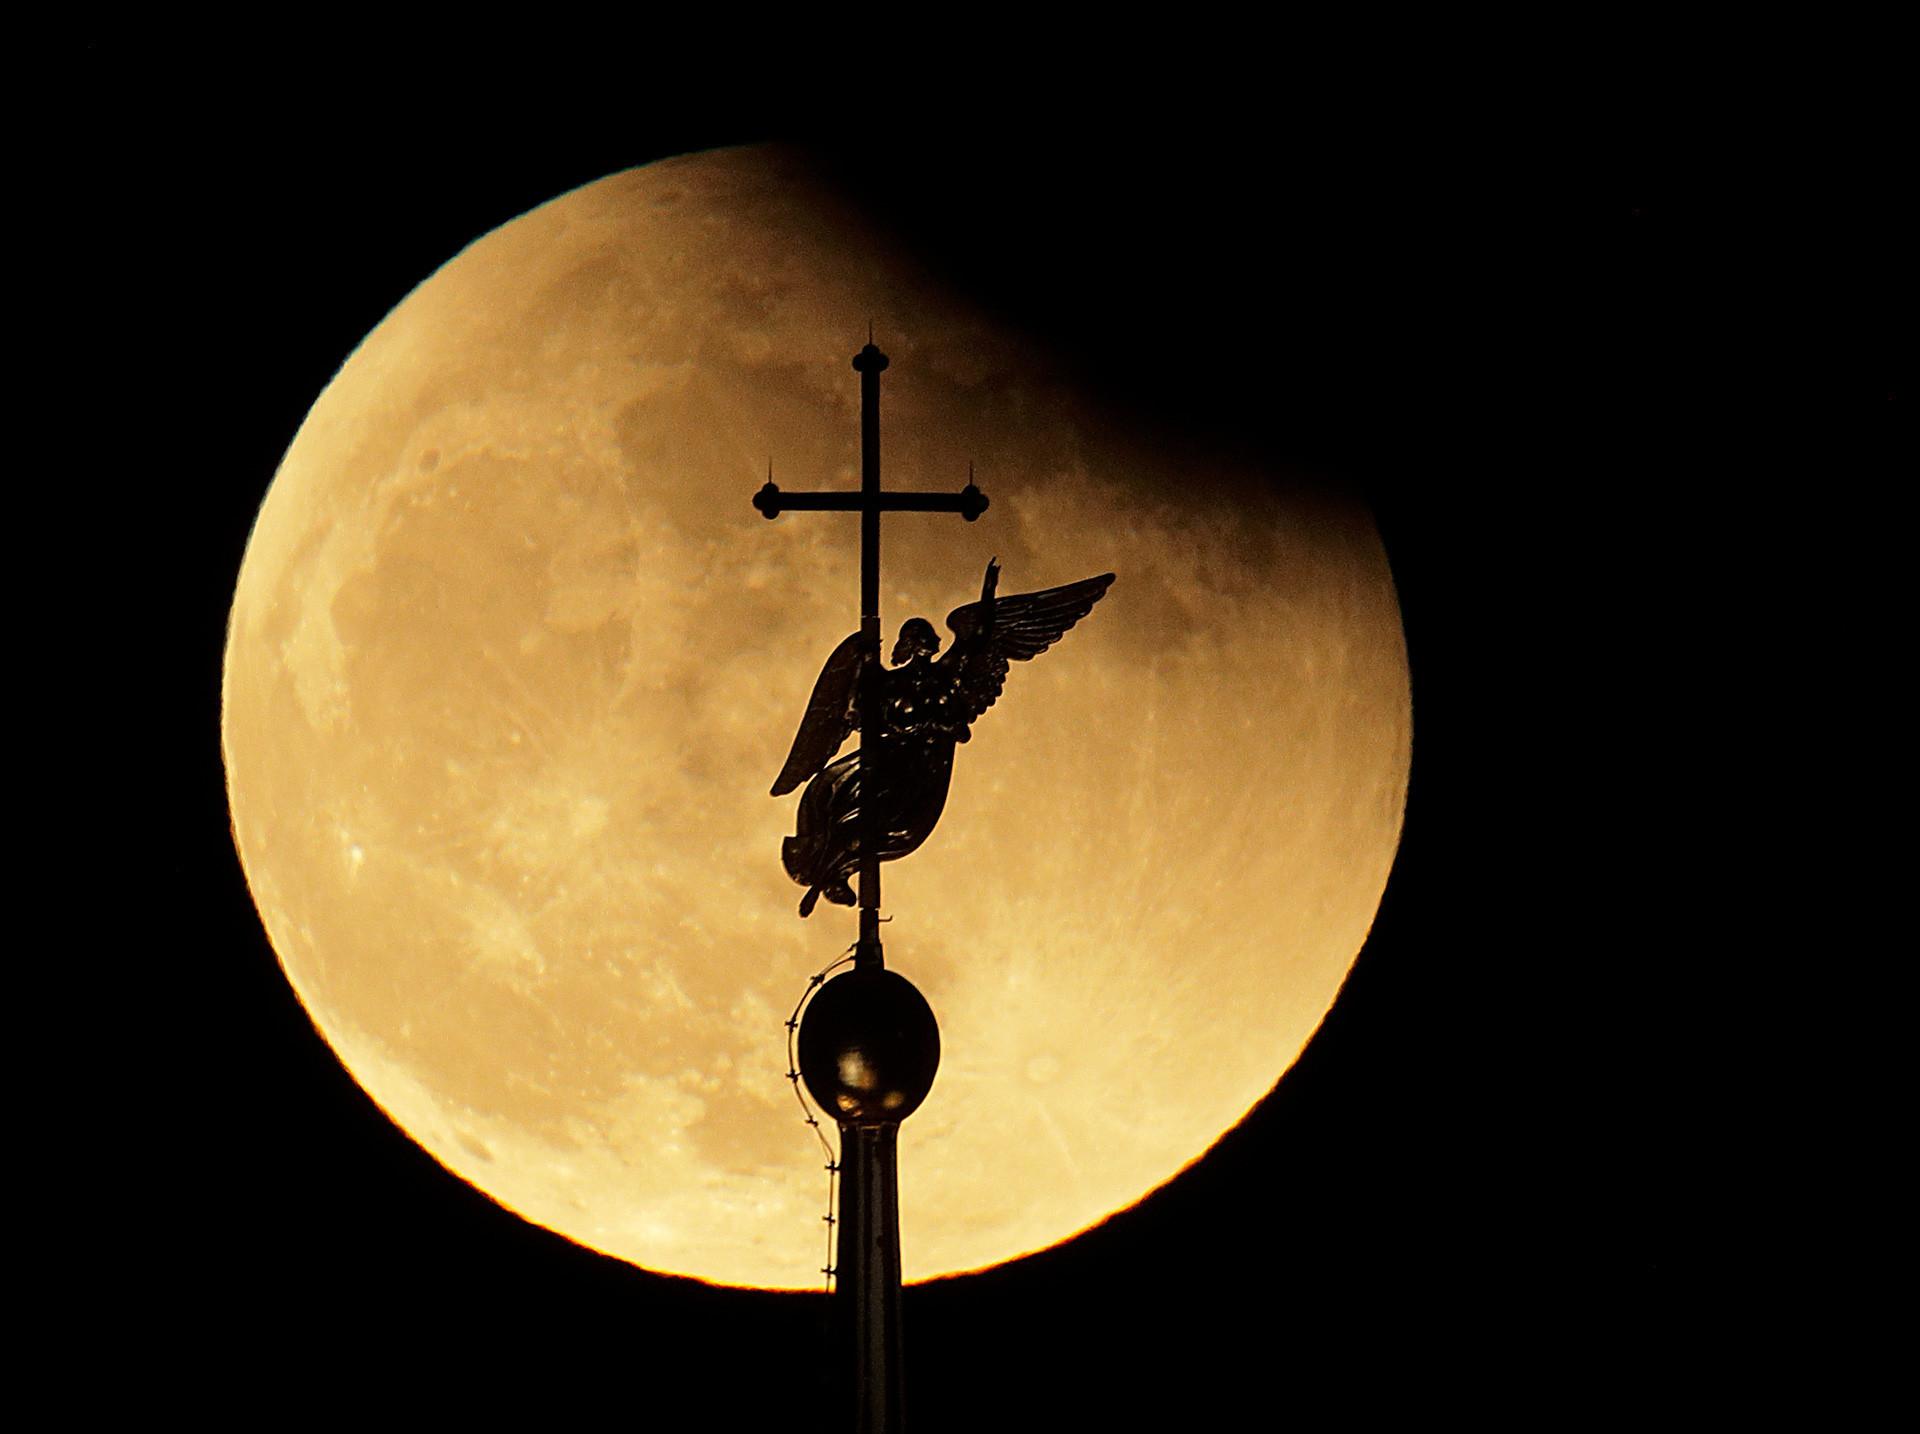 Градски ветроказ у облику анђела на врху цркве светог Петра и Павла у Санкт Петербургу на позадини месеца.